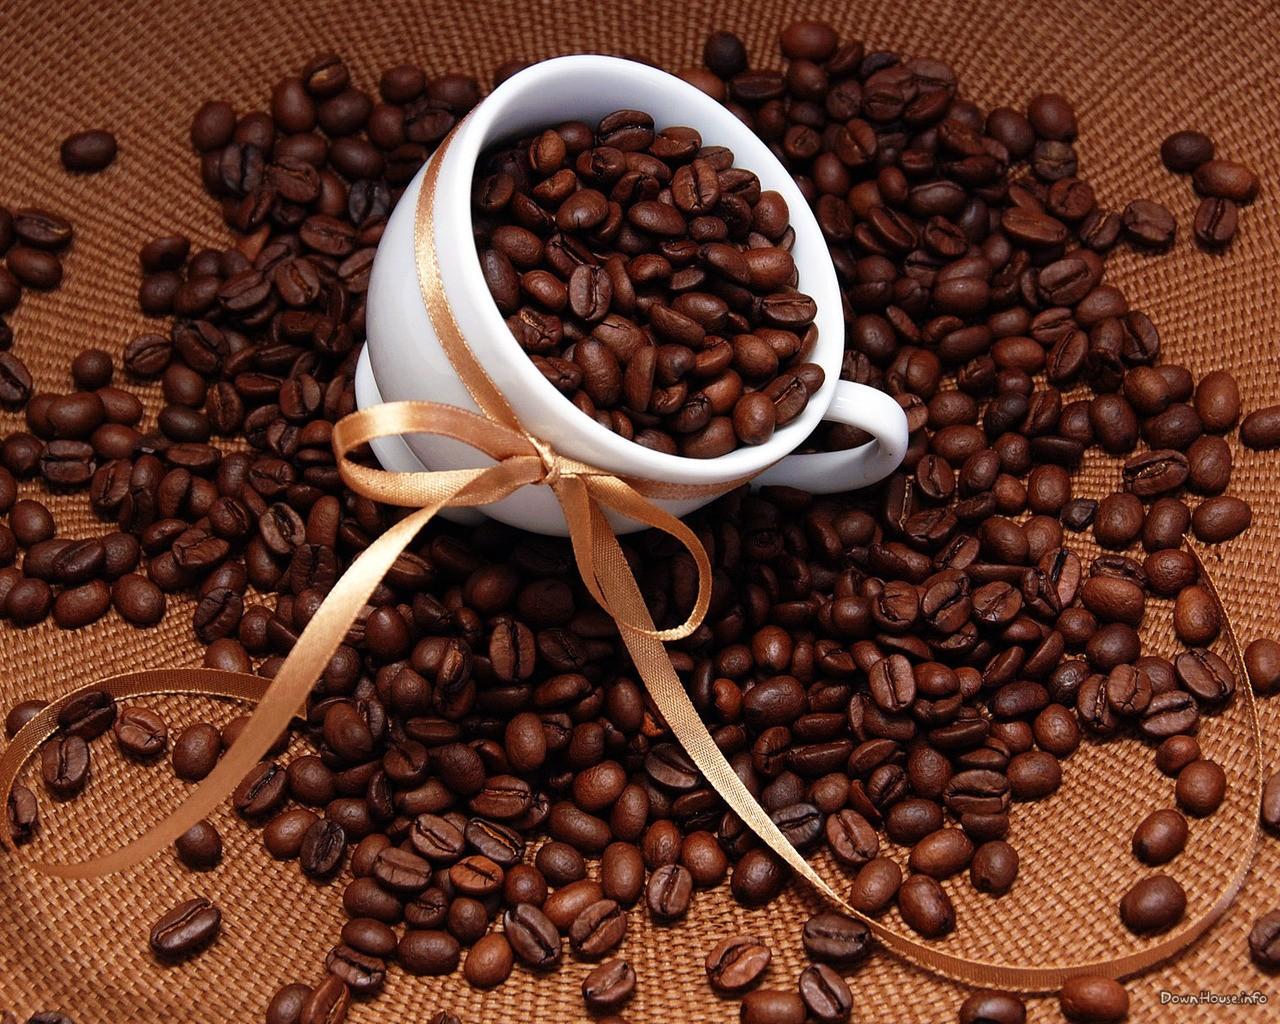 кофе, кофейные обжаренные зерна, скачать фото, обои для рабочего стола, coffee